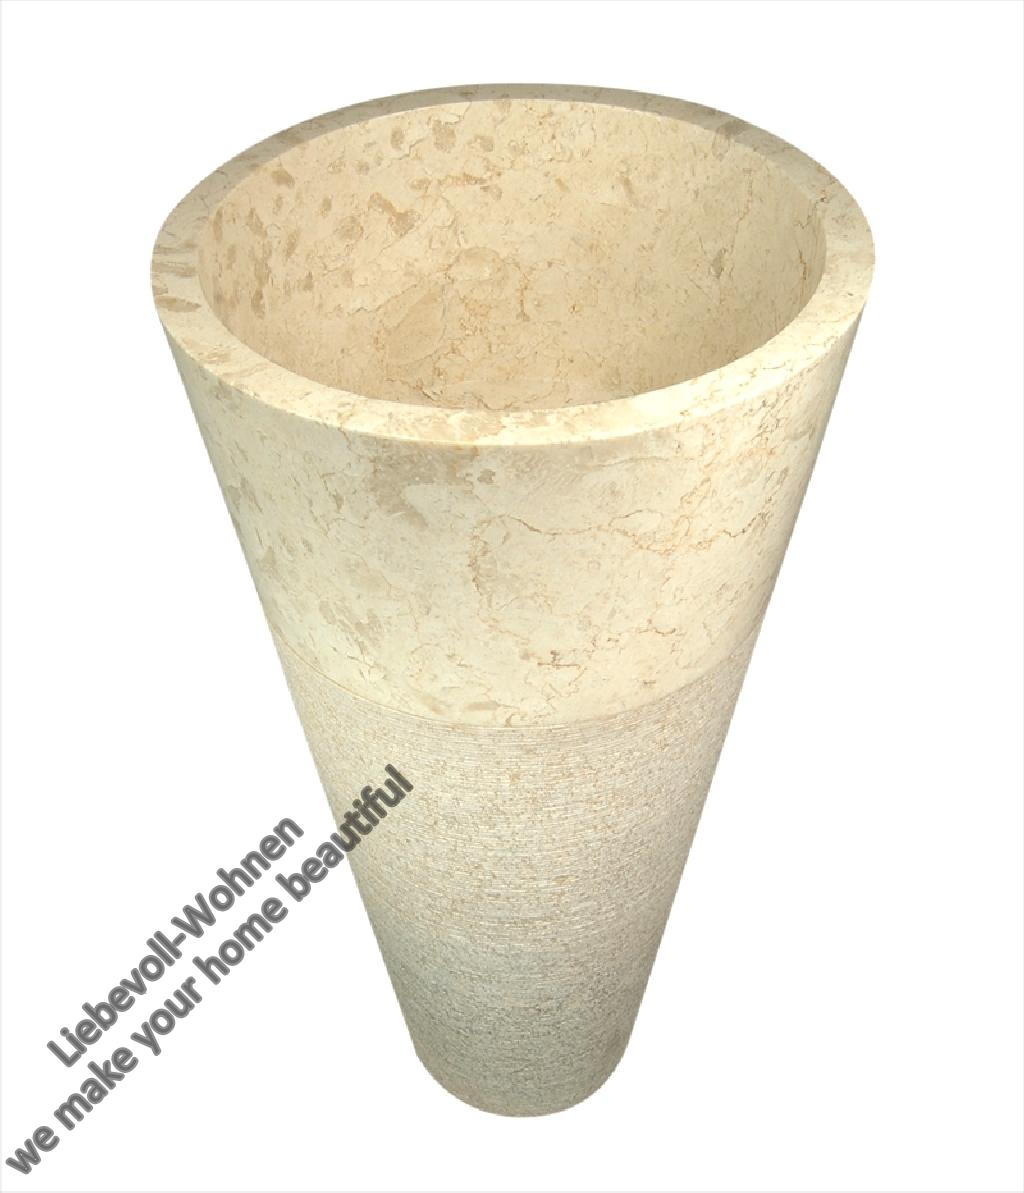 standwaschbecken handwaschbecken waschbecken waschtisch marmor naturstein s ule ebay. Black Bedroom Furniture Sets. Home Design Ideas